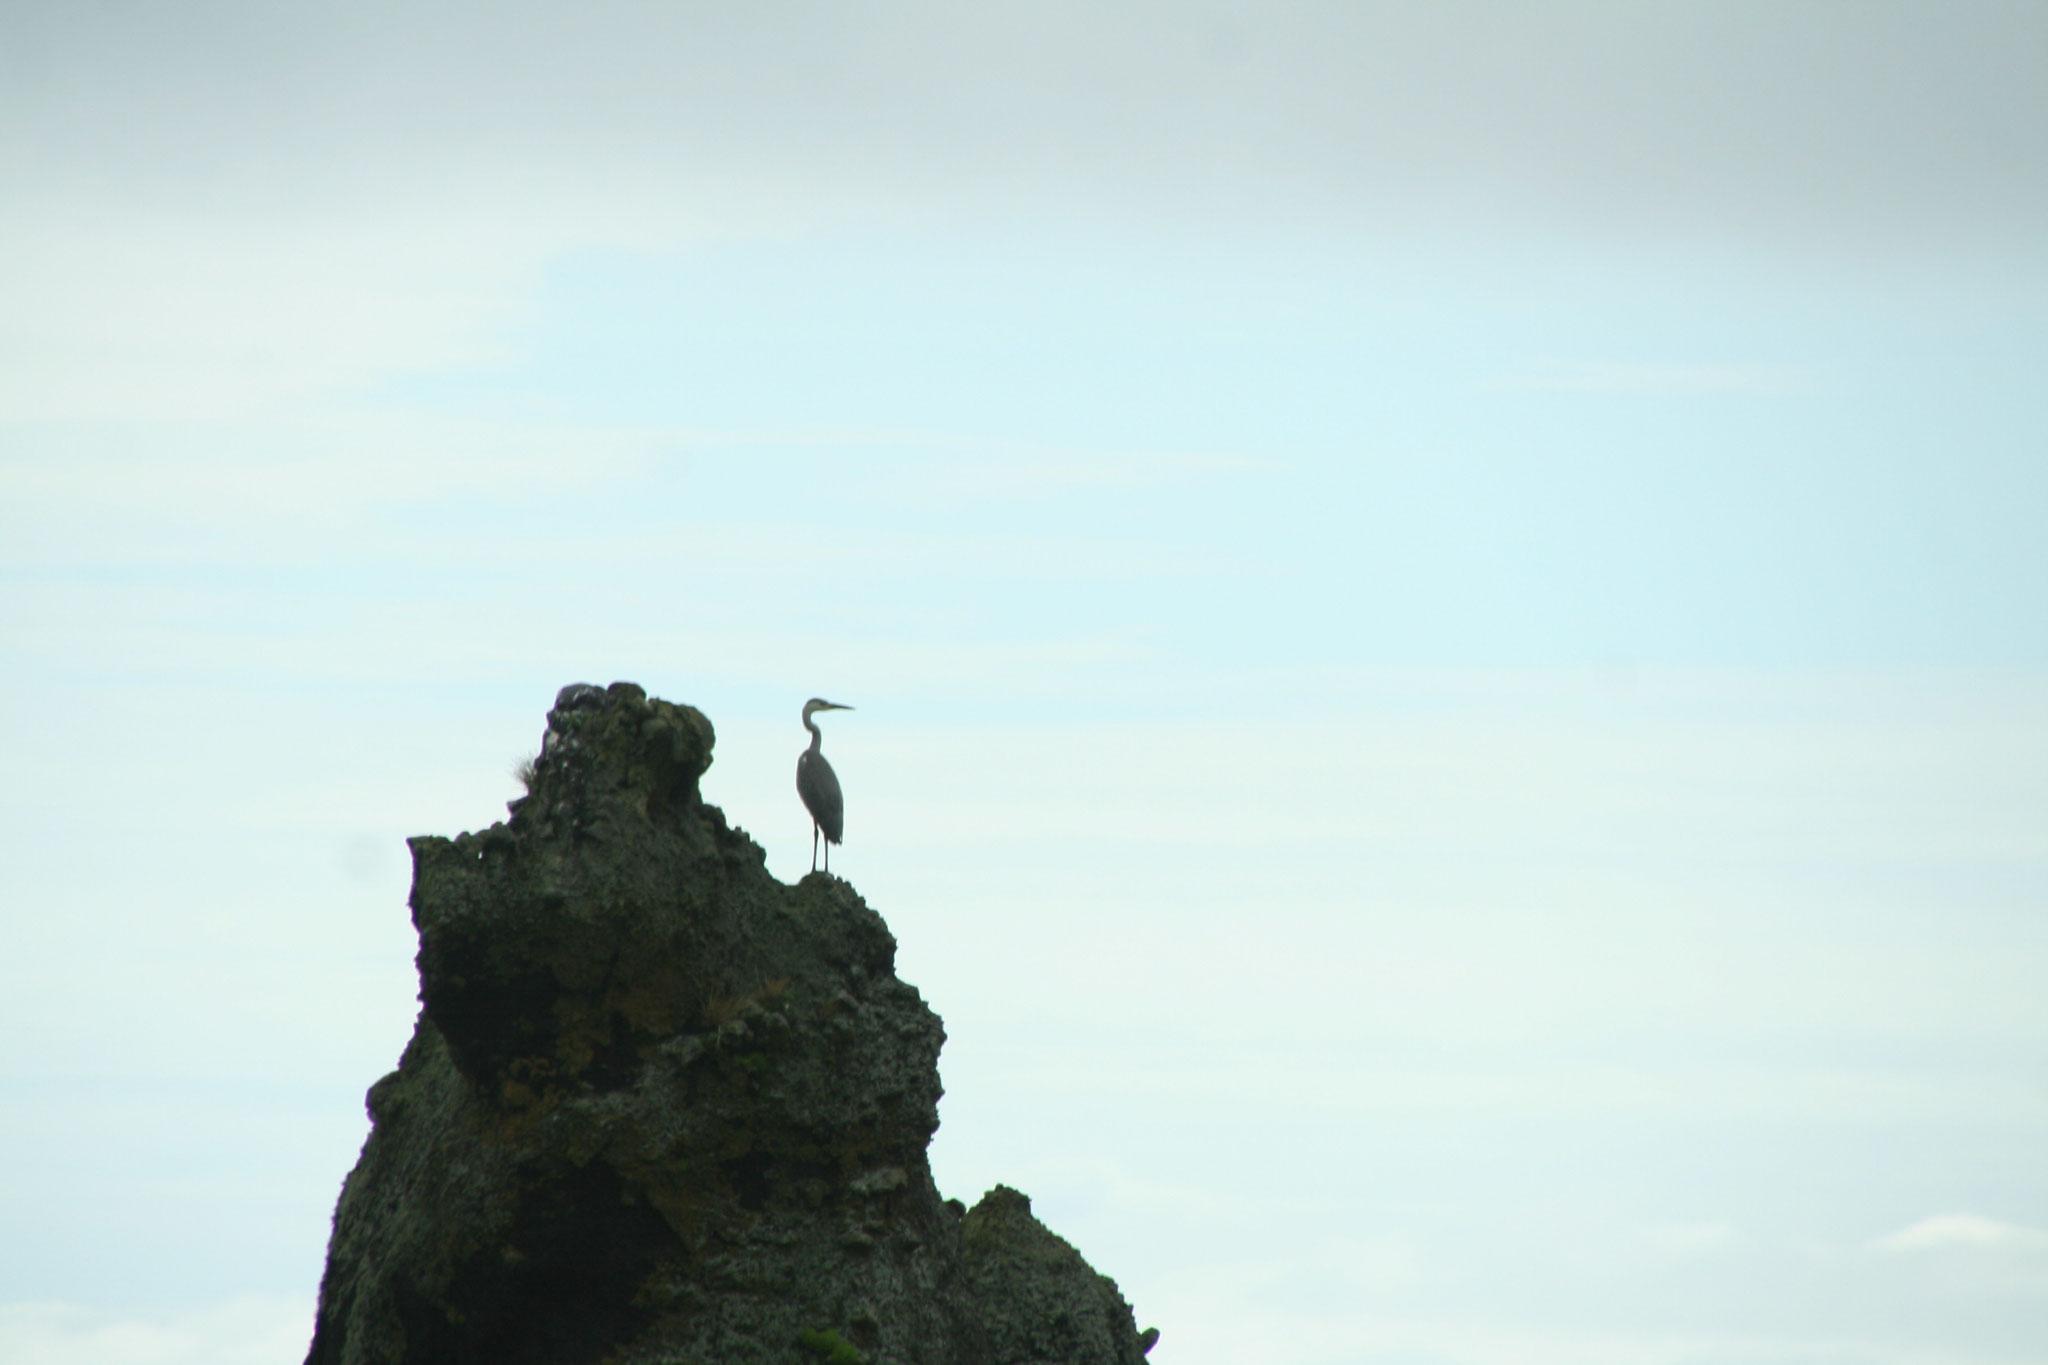 首長鳥 国後島を臨んでポーズ。